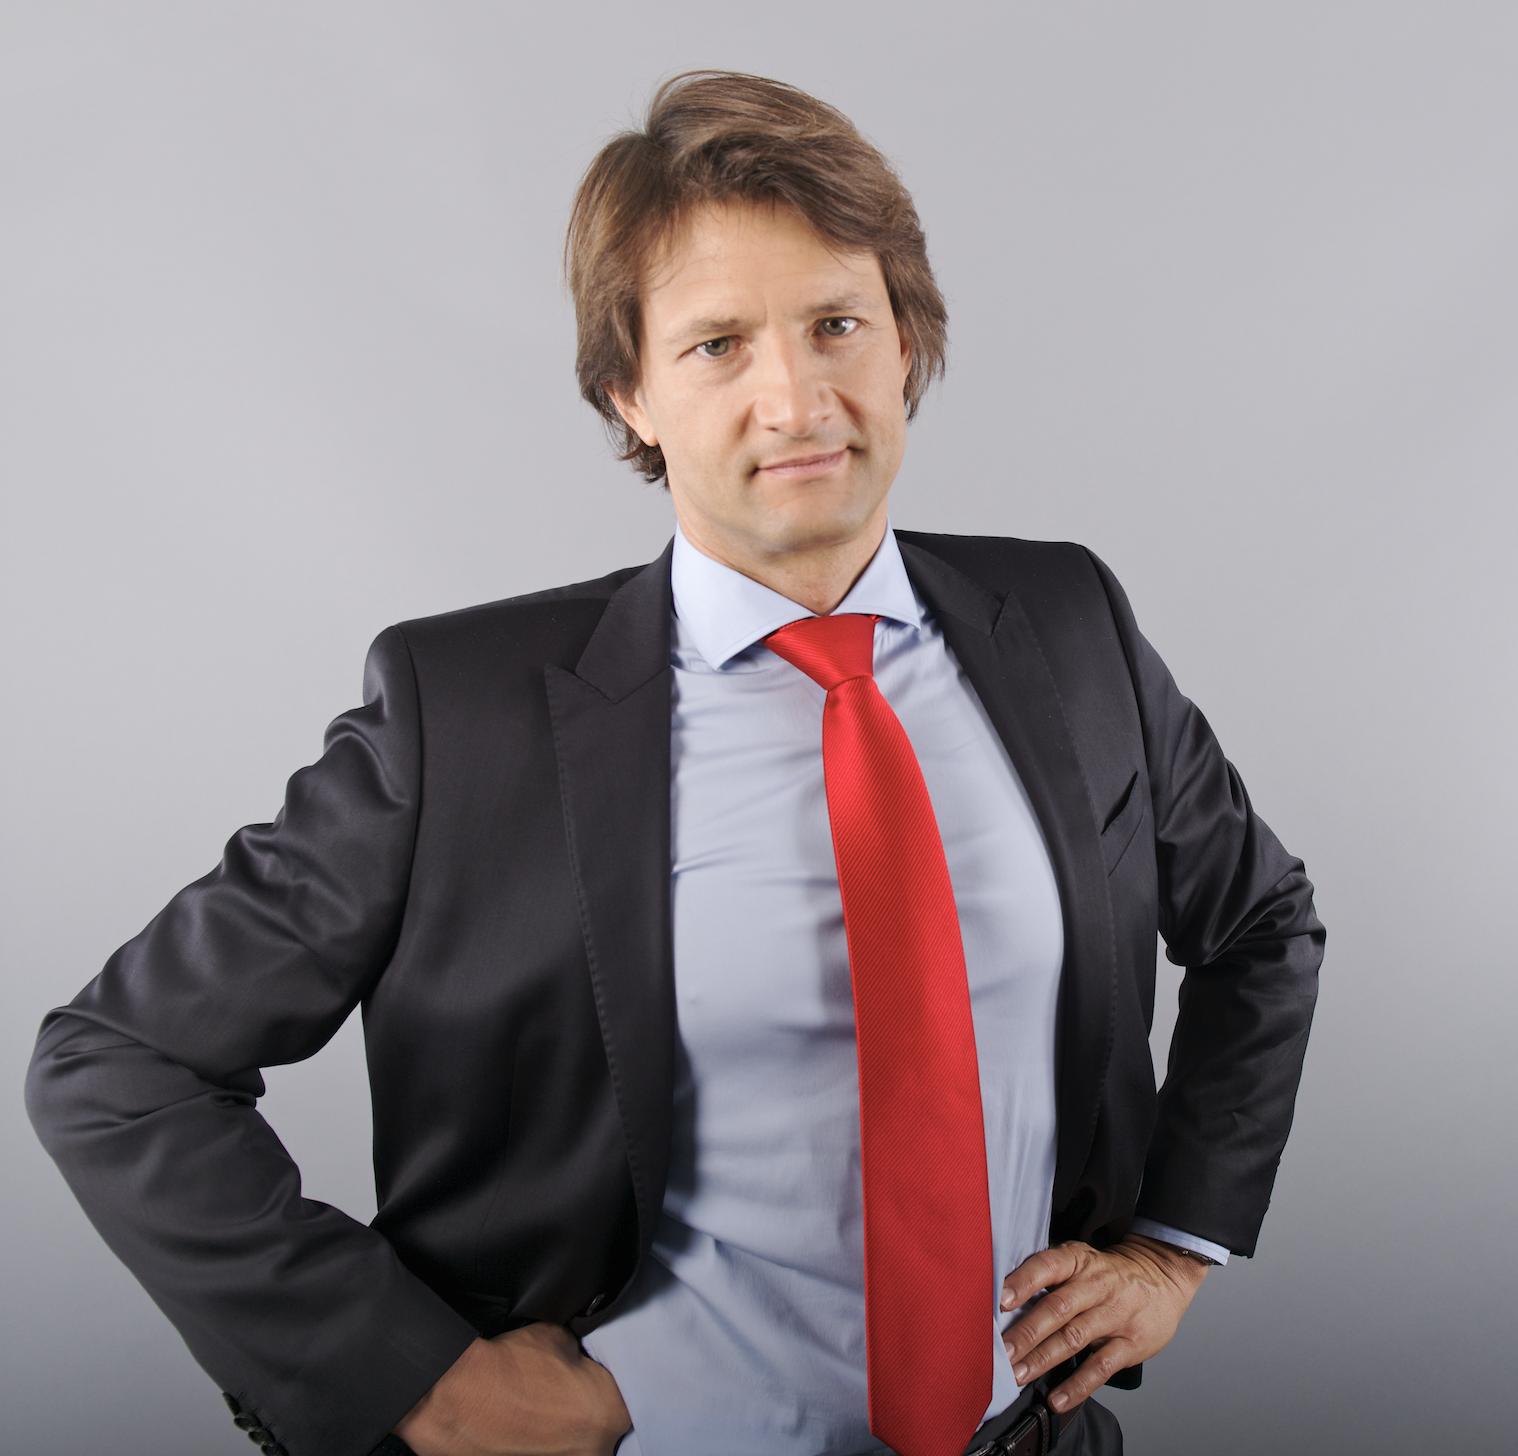 Jean-Pierre Lach